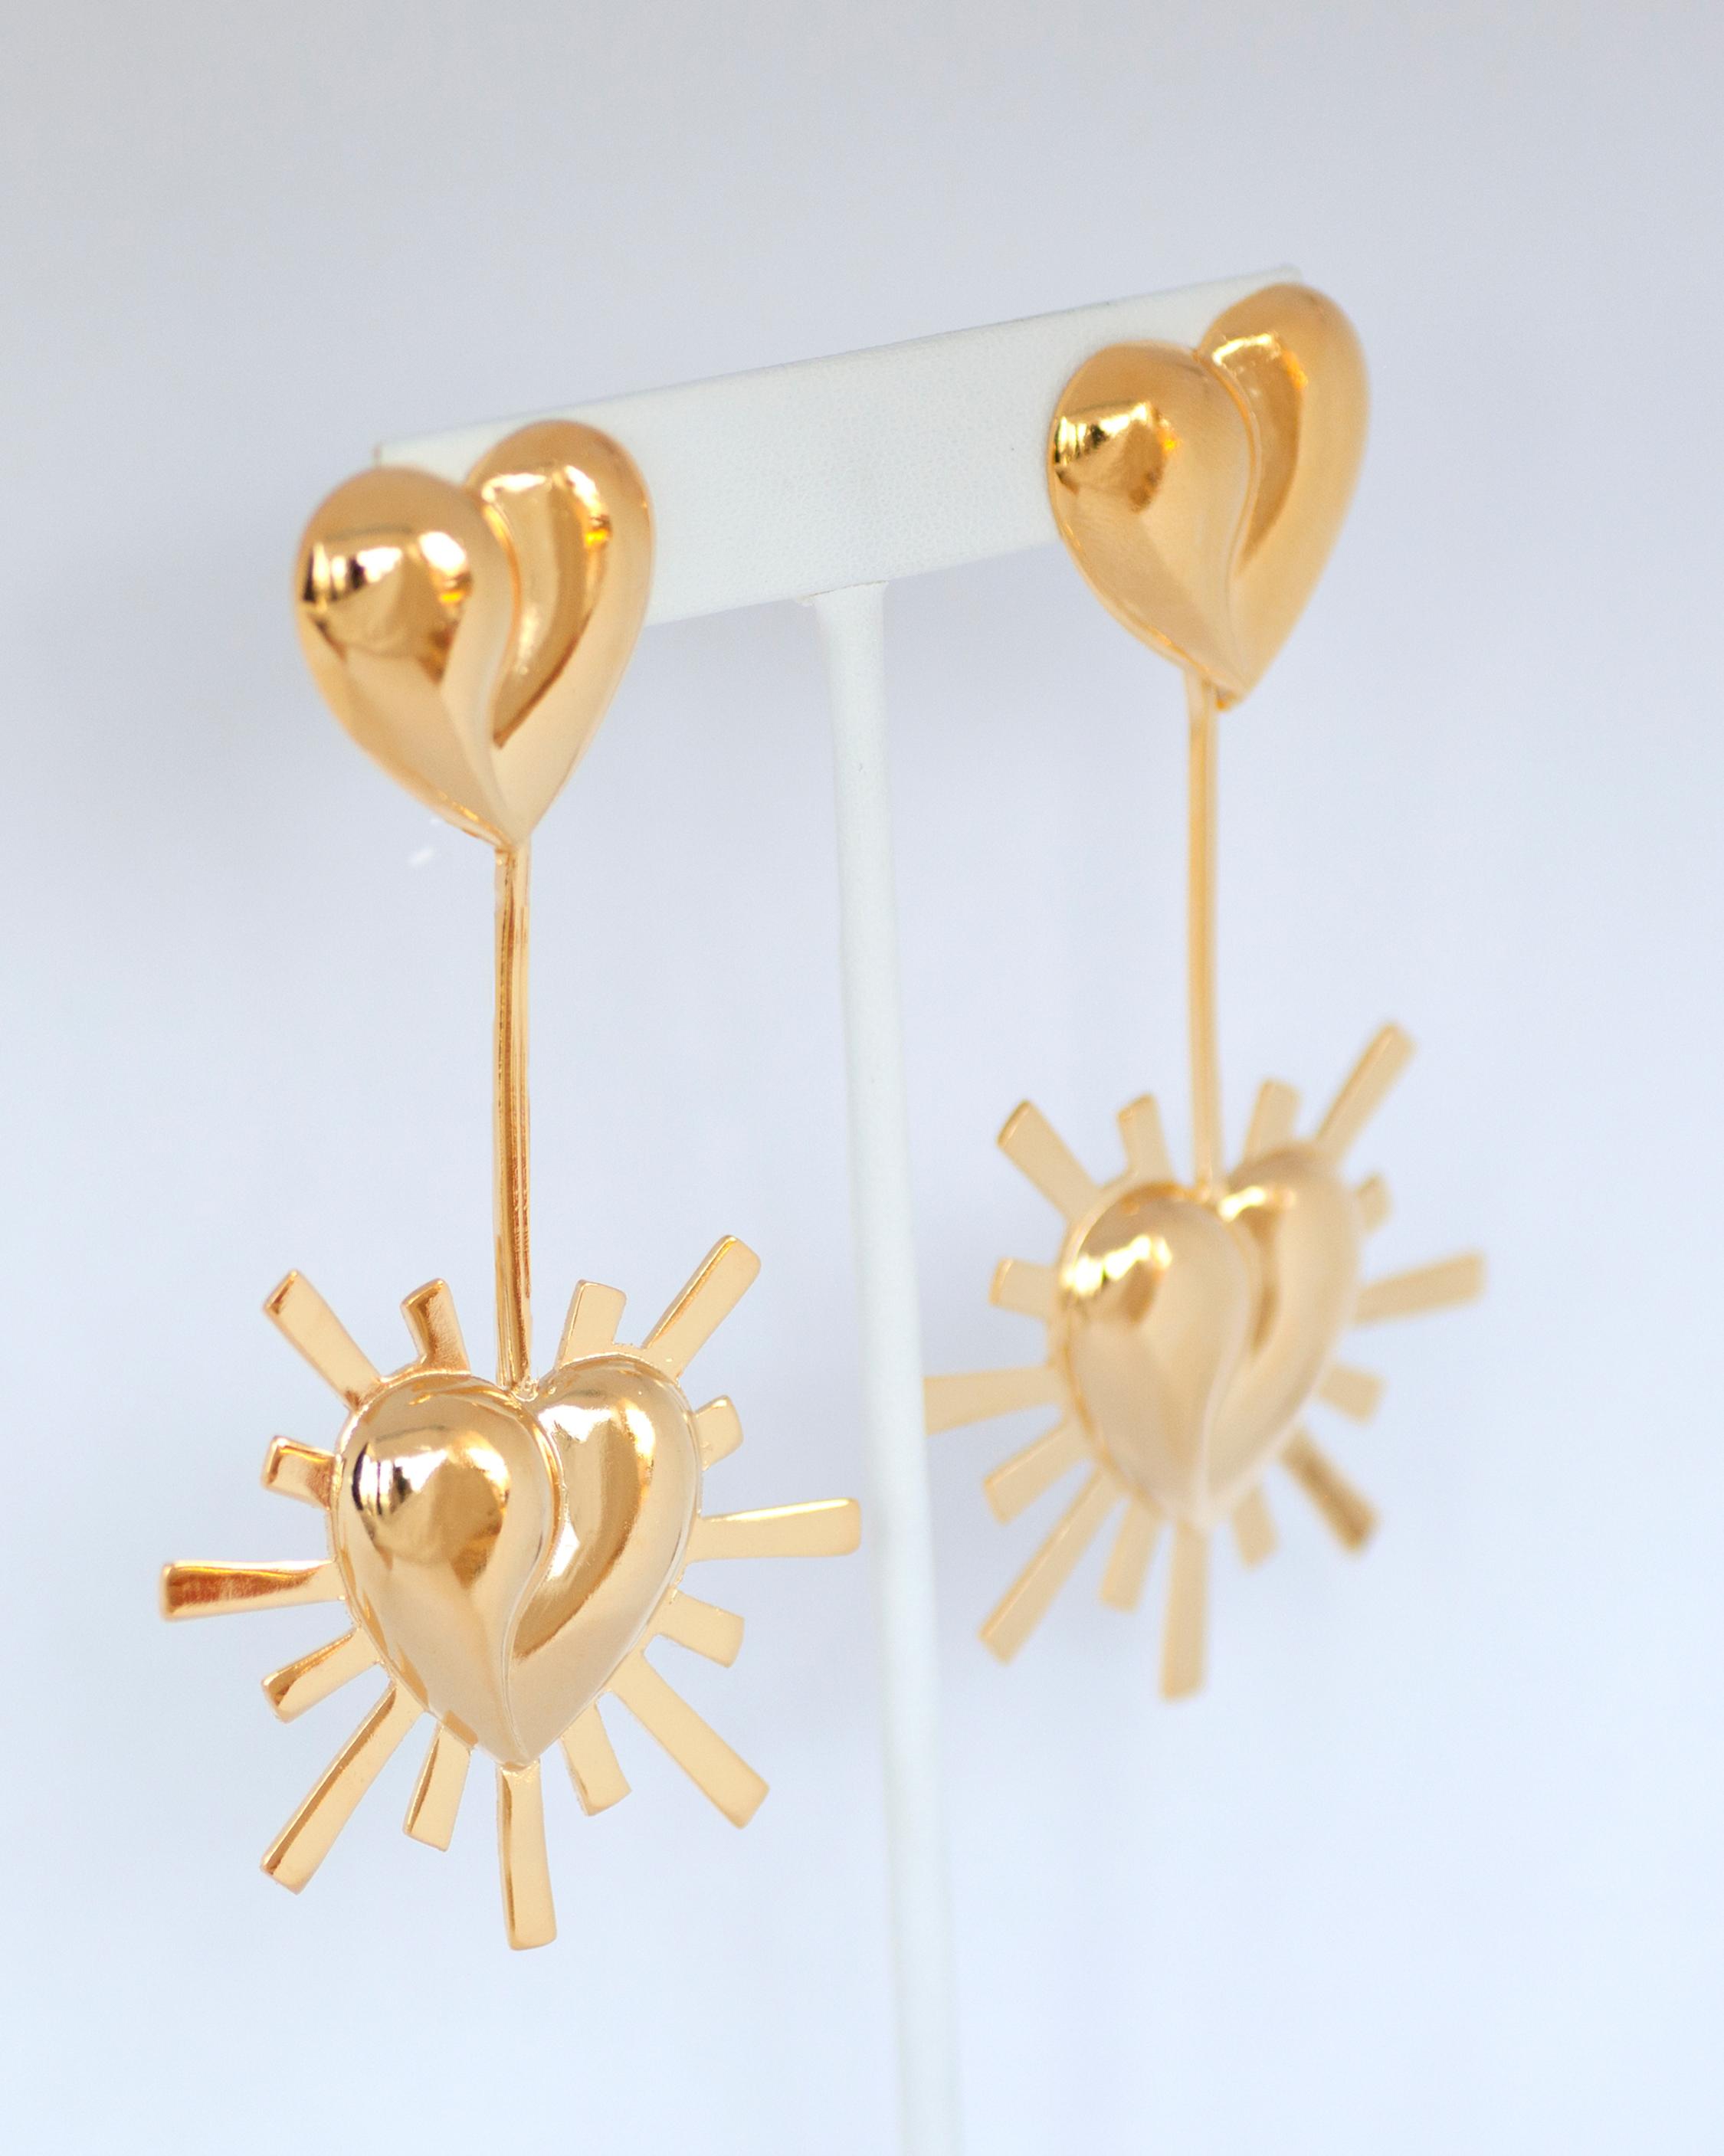 Lola Starburst Heart Earrings